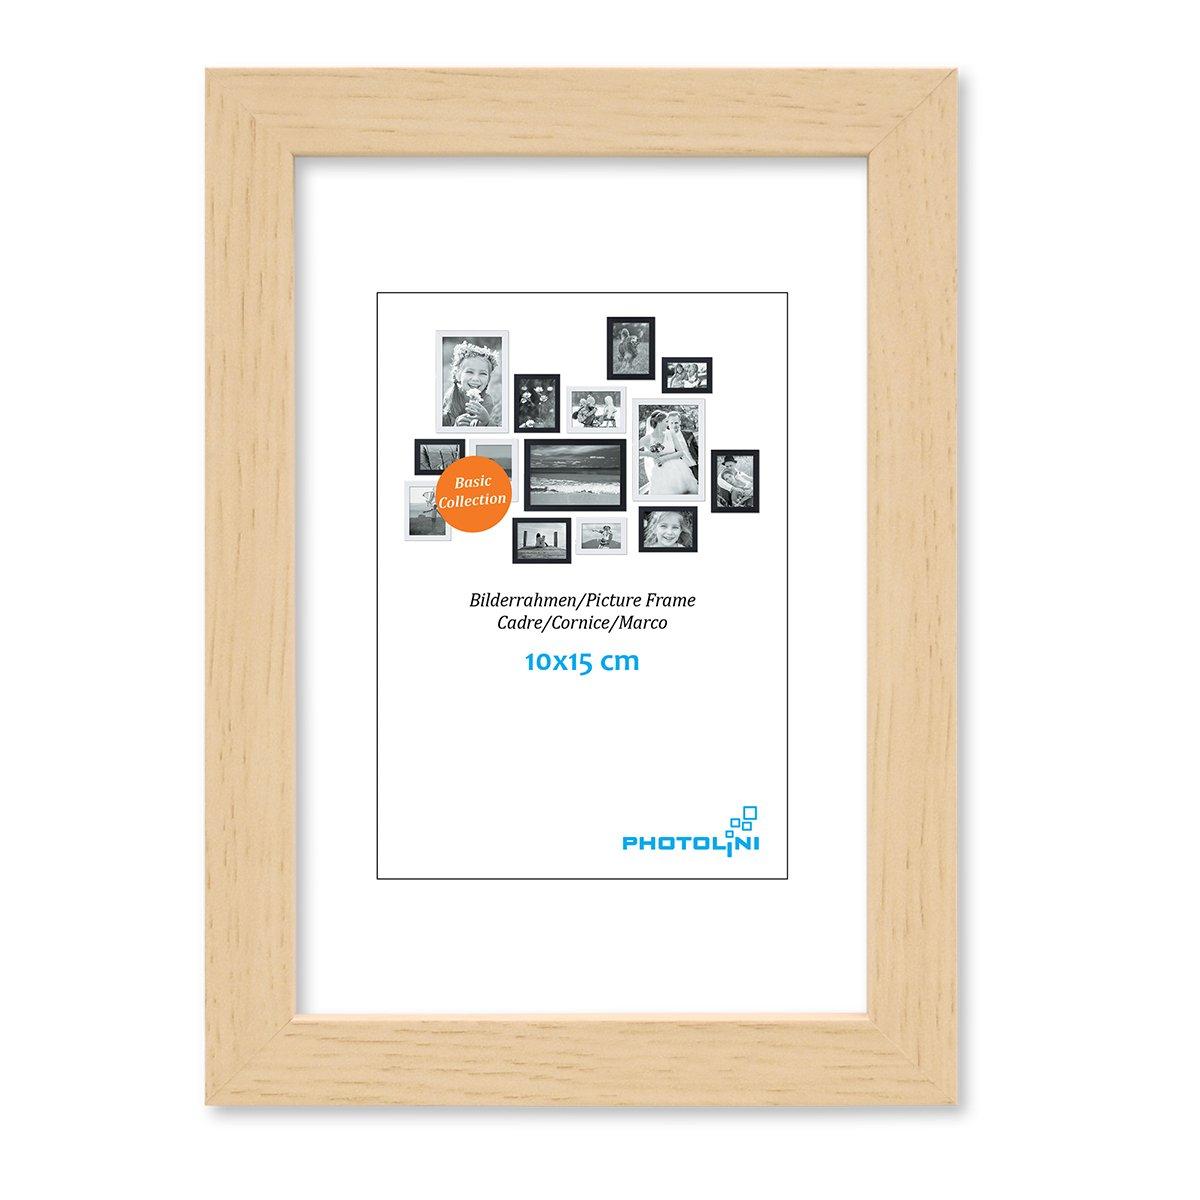 Photolini Juego de 3 Marcos 10x15 cm Modernos, Naturales de MDF con Vidrio acrílico, Incluyendo Accesorios/Collage de Fotos/galería de imágenes: Amazon.es: ...